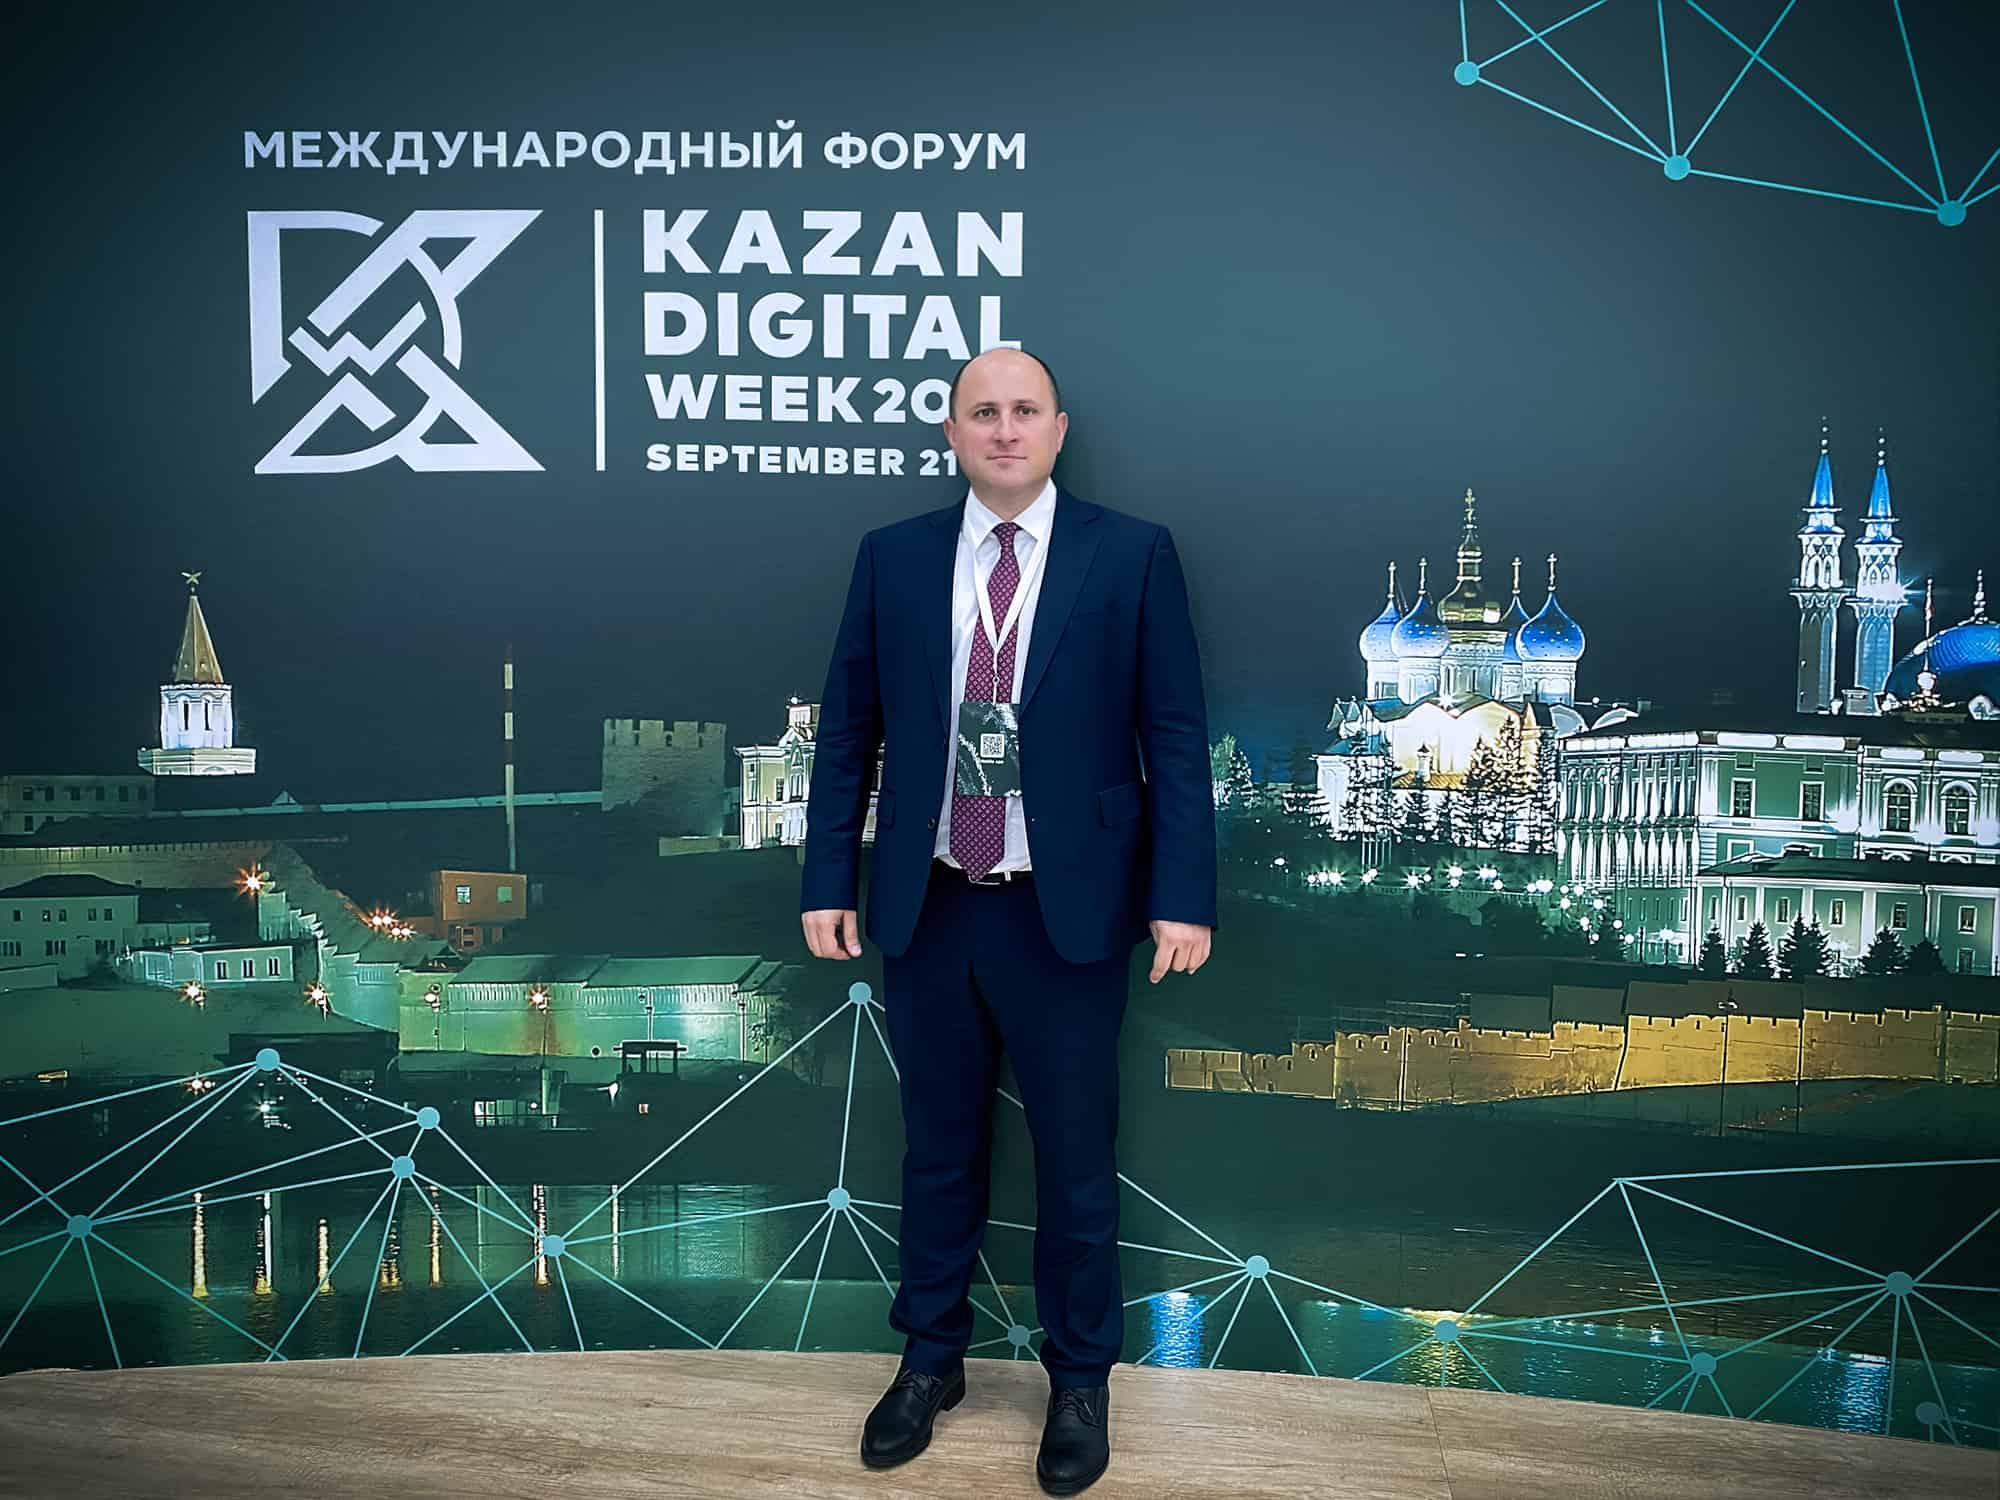 Руководитель Центра компетенций НТИ на базе Сколтеха Дмитрий Лаконцев посетил сегодня «Международный форум Kazan Digital Week 2021». В составе делегации института он рассказал о созданной в Сколтехе Экосистеме 5G и…